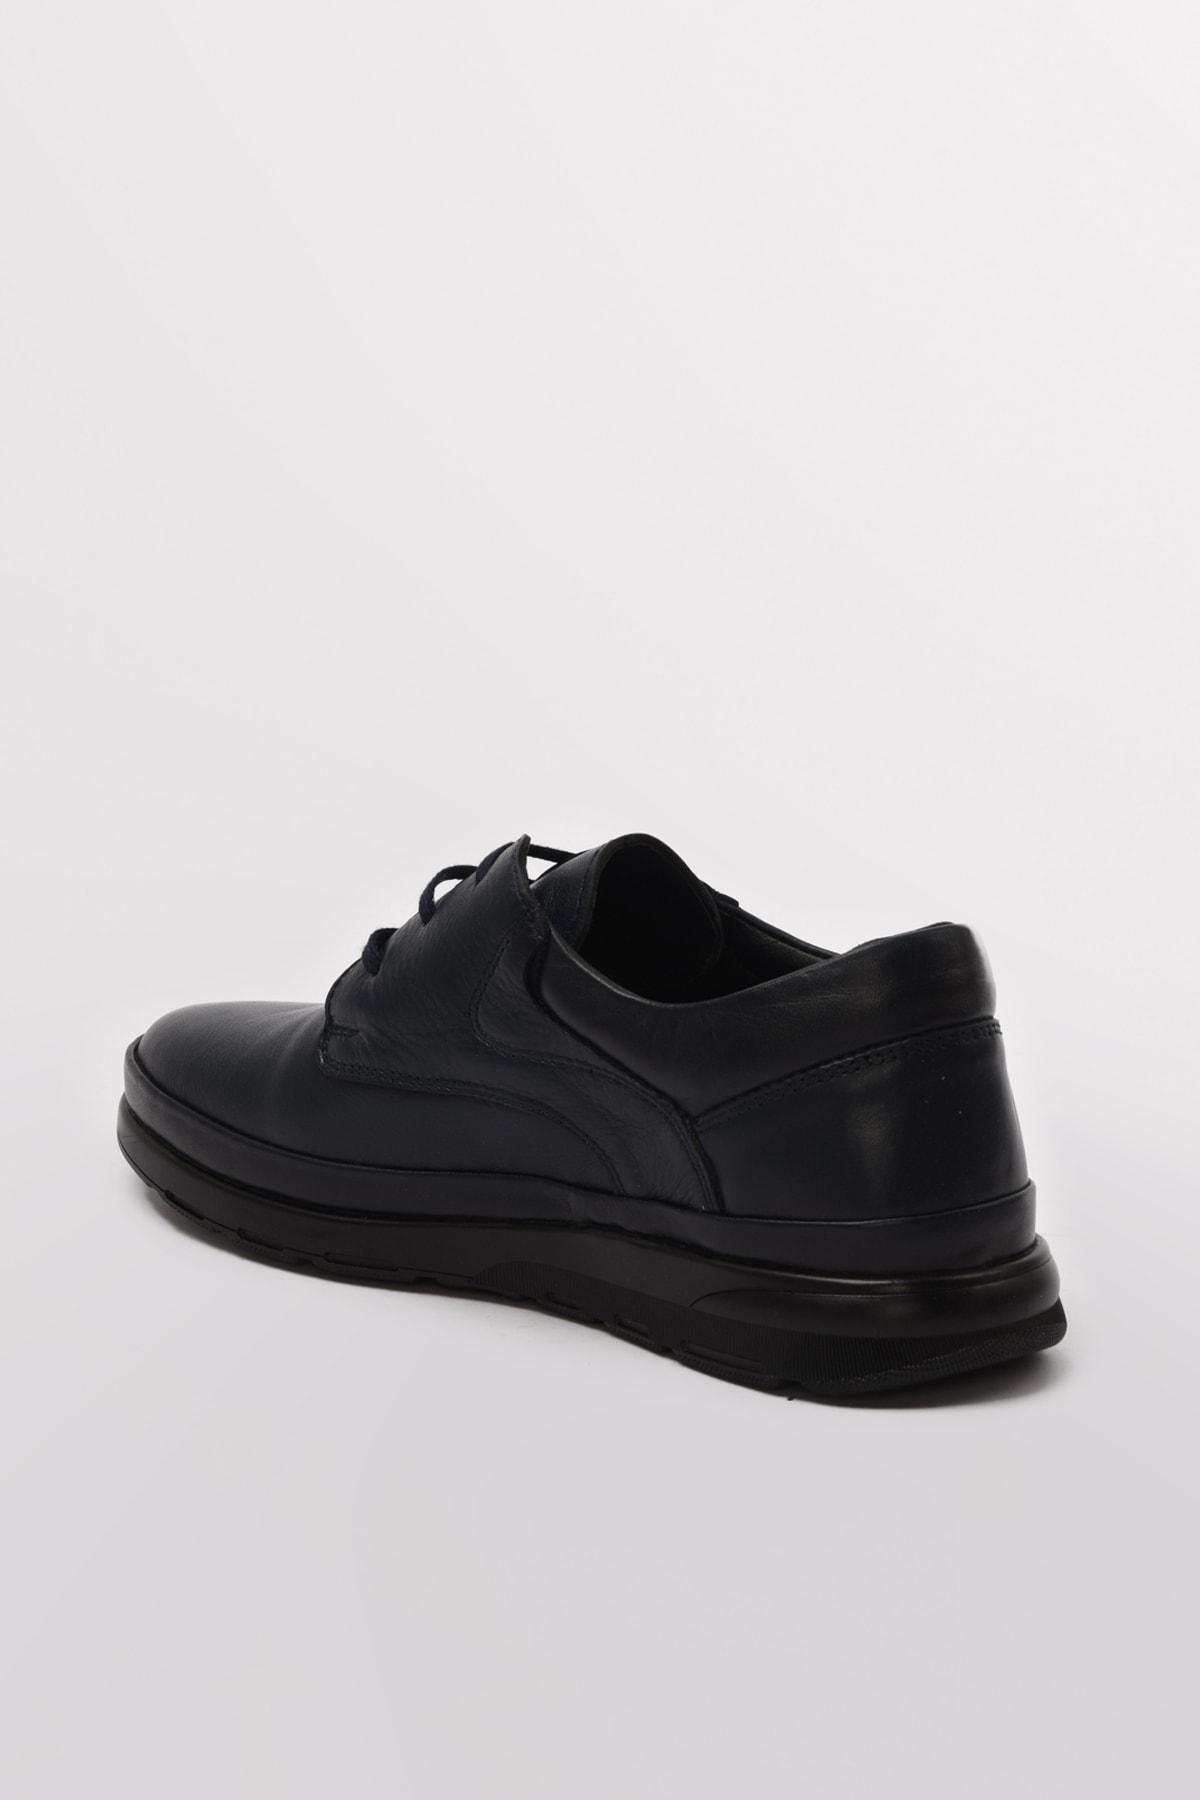 Hotiç Hakiki Deri Lacıvert Casual Ayakkabı 02AYY602590A680 2